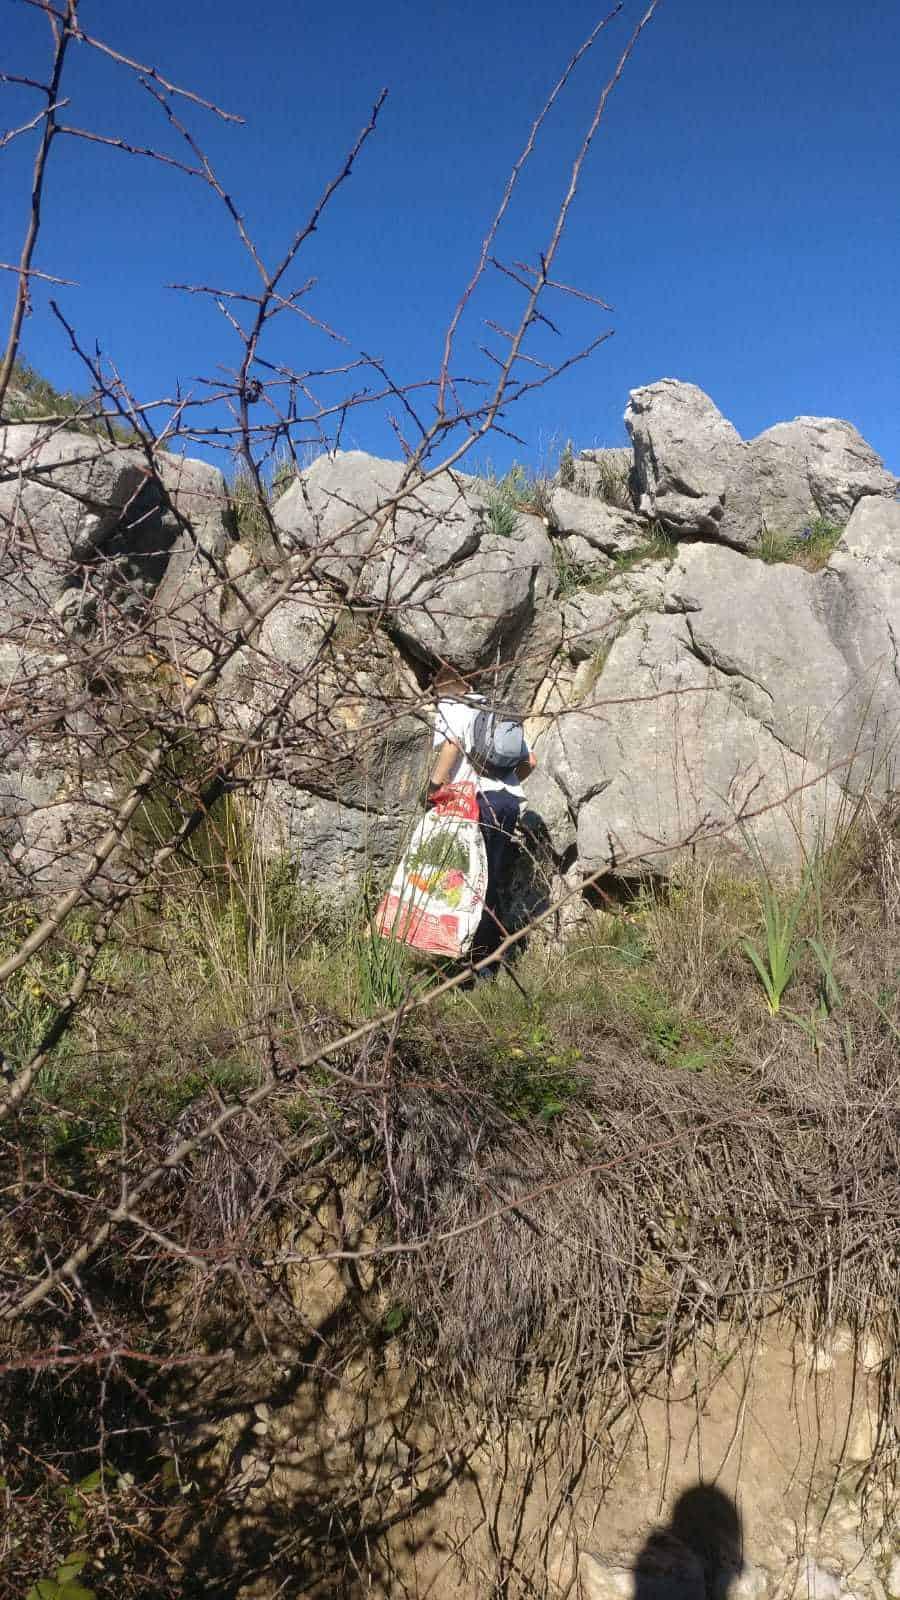 recorrida basura eco conciencia (17)